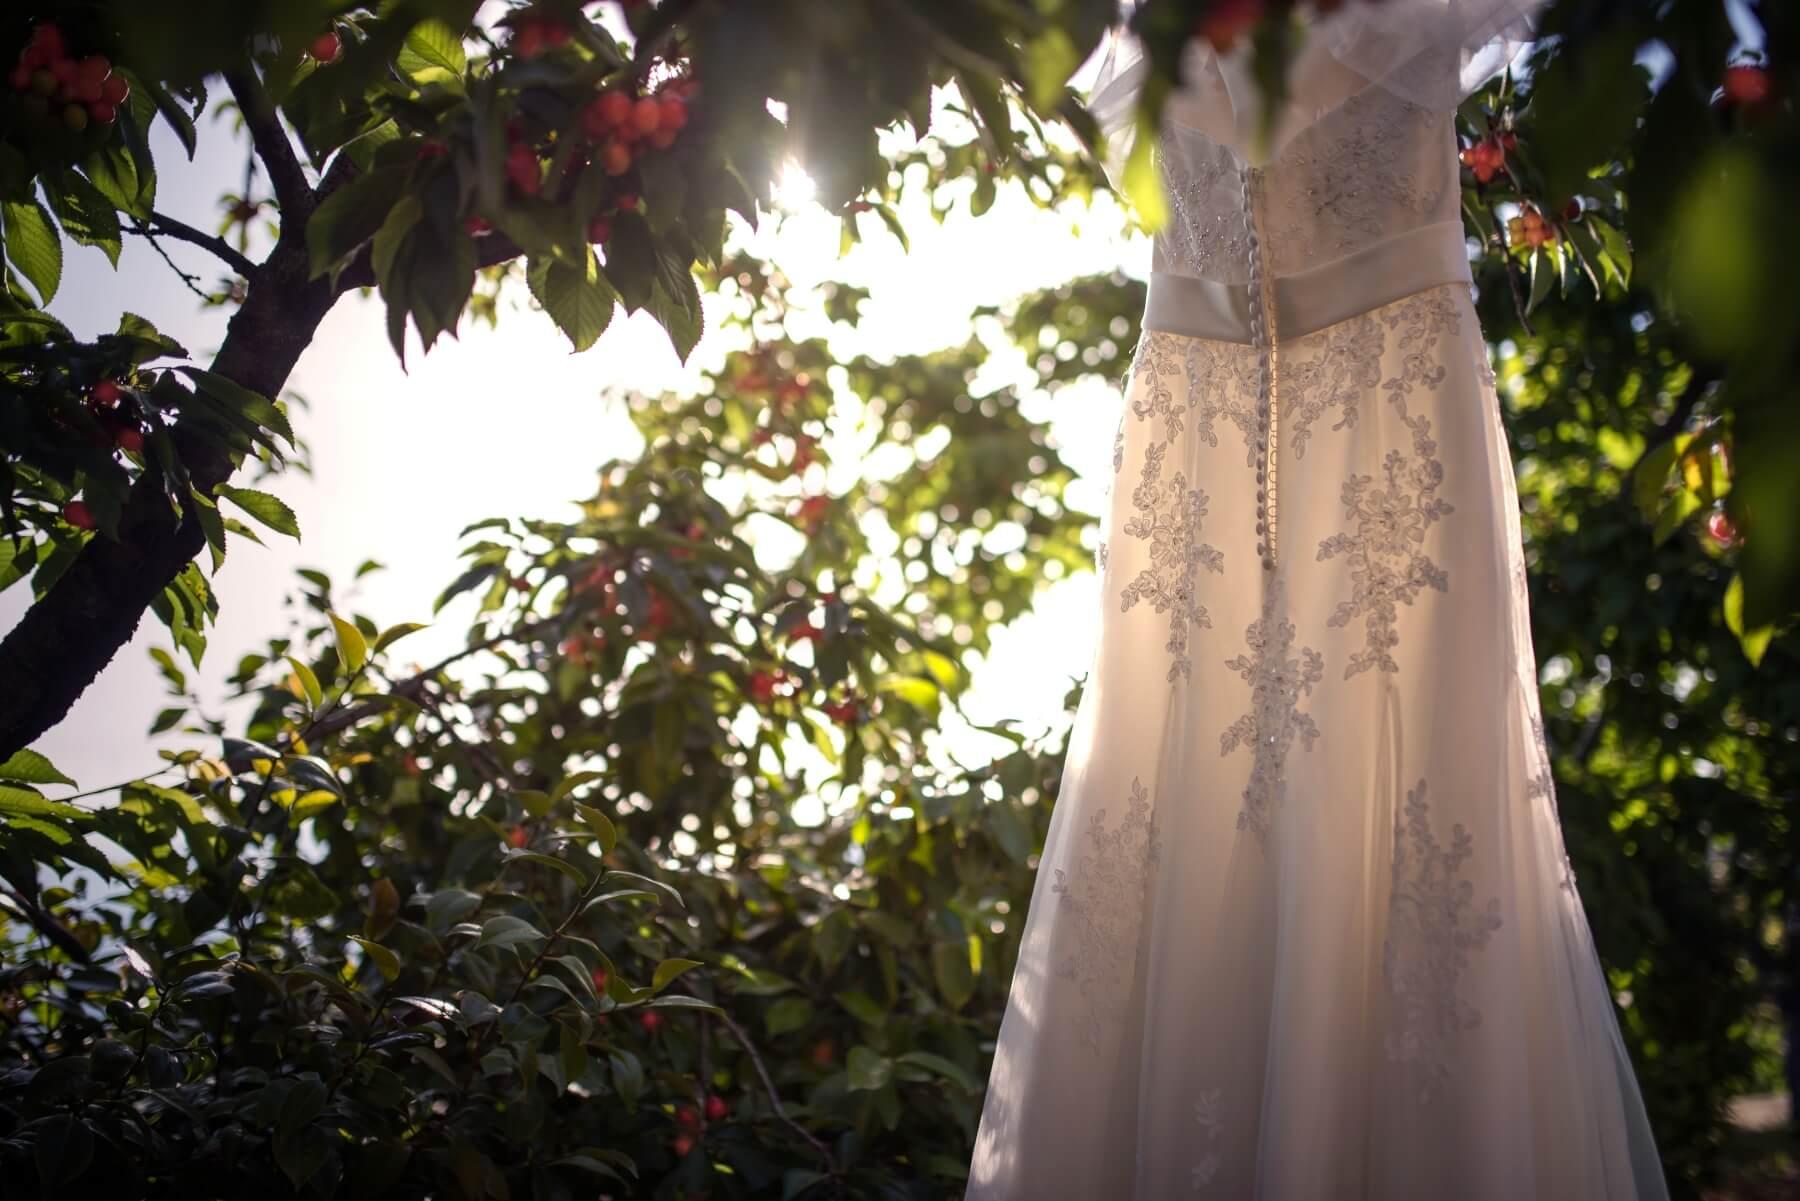 Foto dell'abito da sposa. Debora e Fabio sposi in spiaggia a Barisardo, Sardegna. Beniamino Lai, Fotografo professionista di Matrimonio in Sardegna.